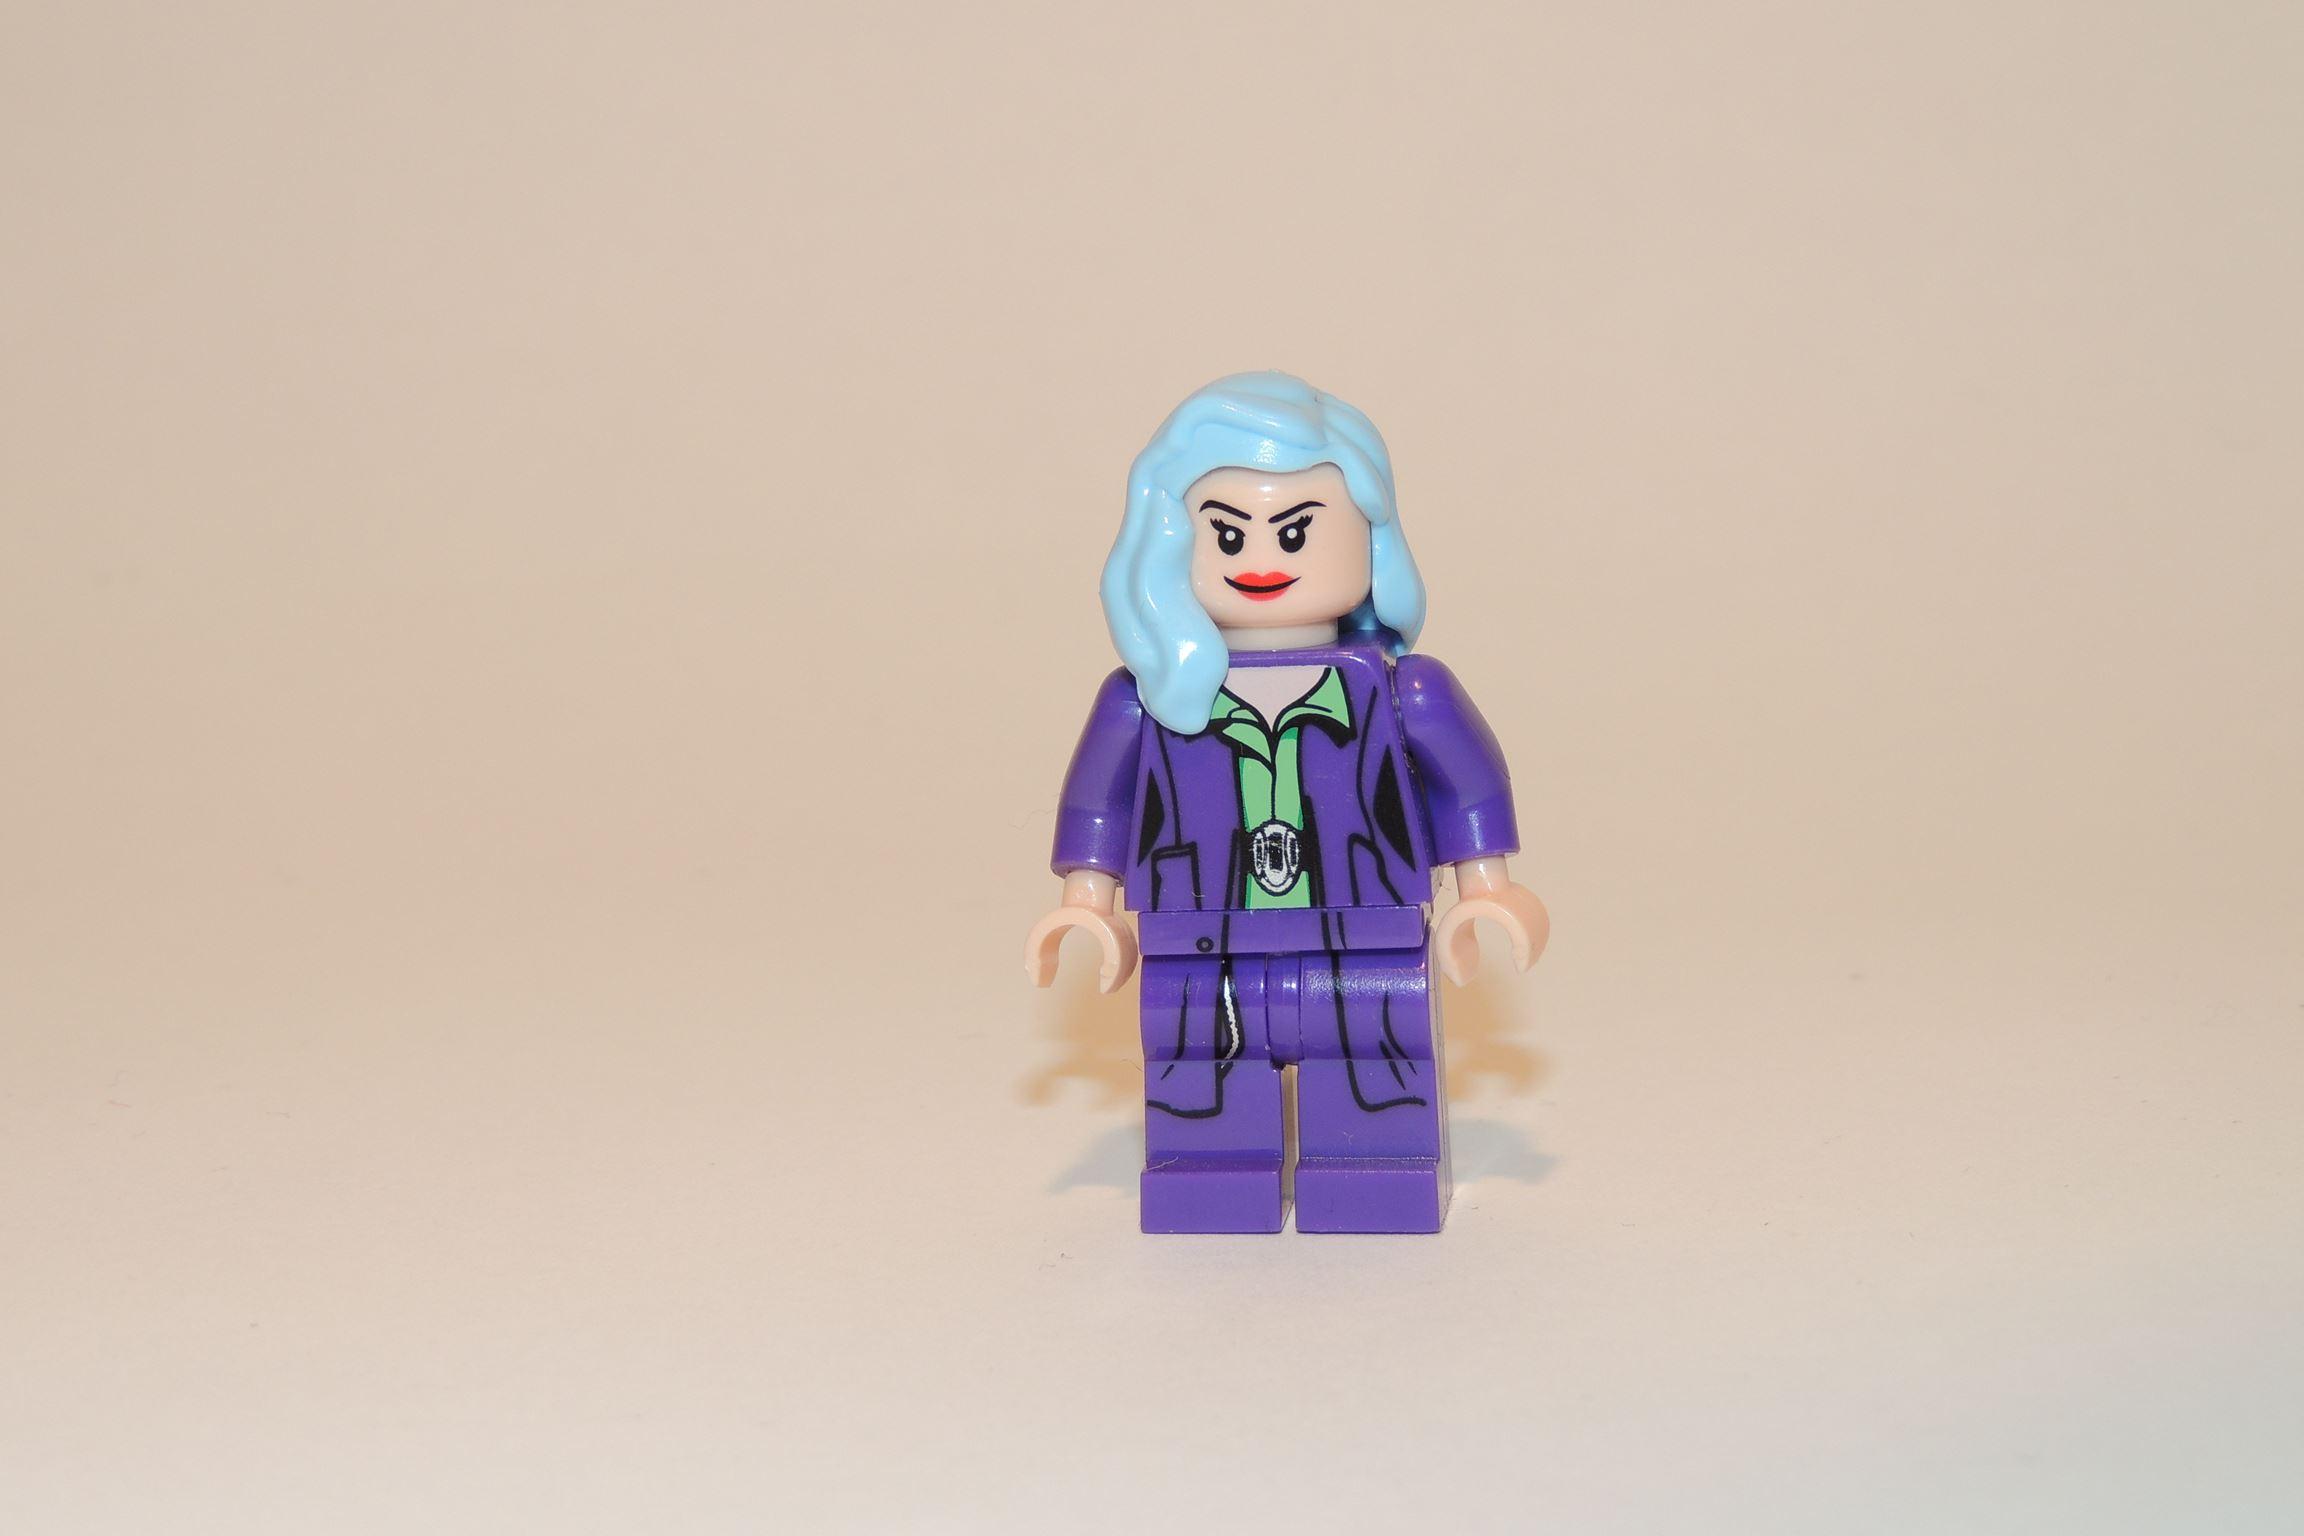 Extrovertierter Bekleidungsstil, der Businessdame mit den blauen Haaren.